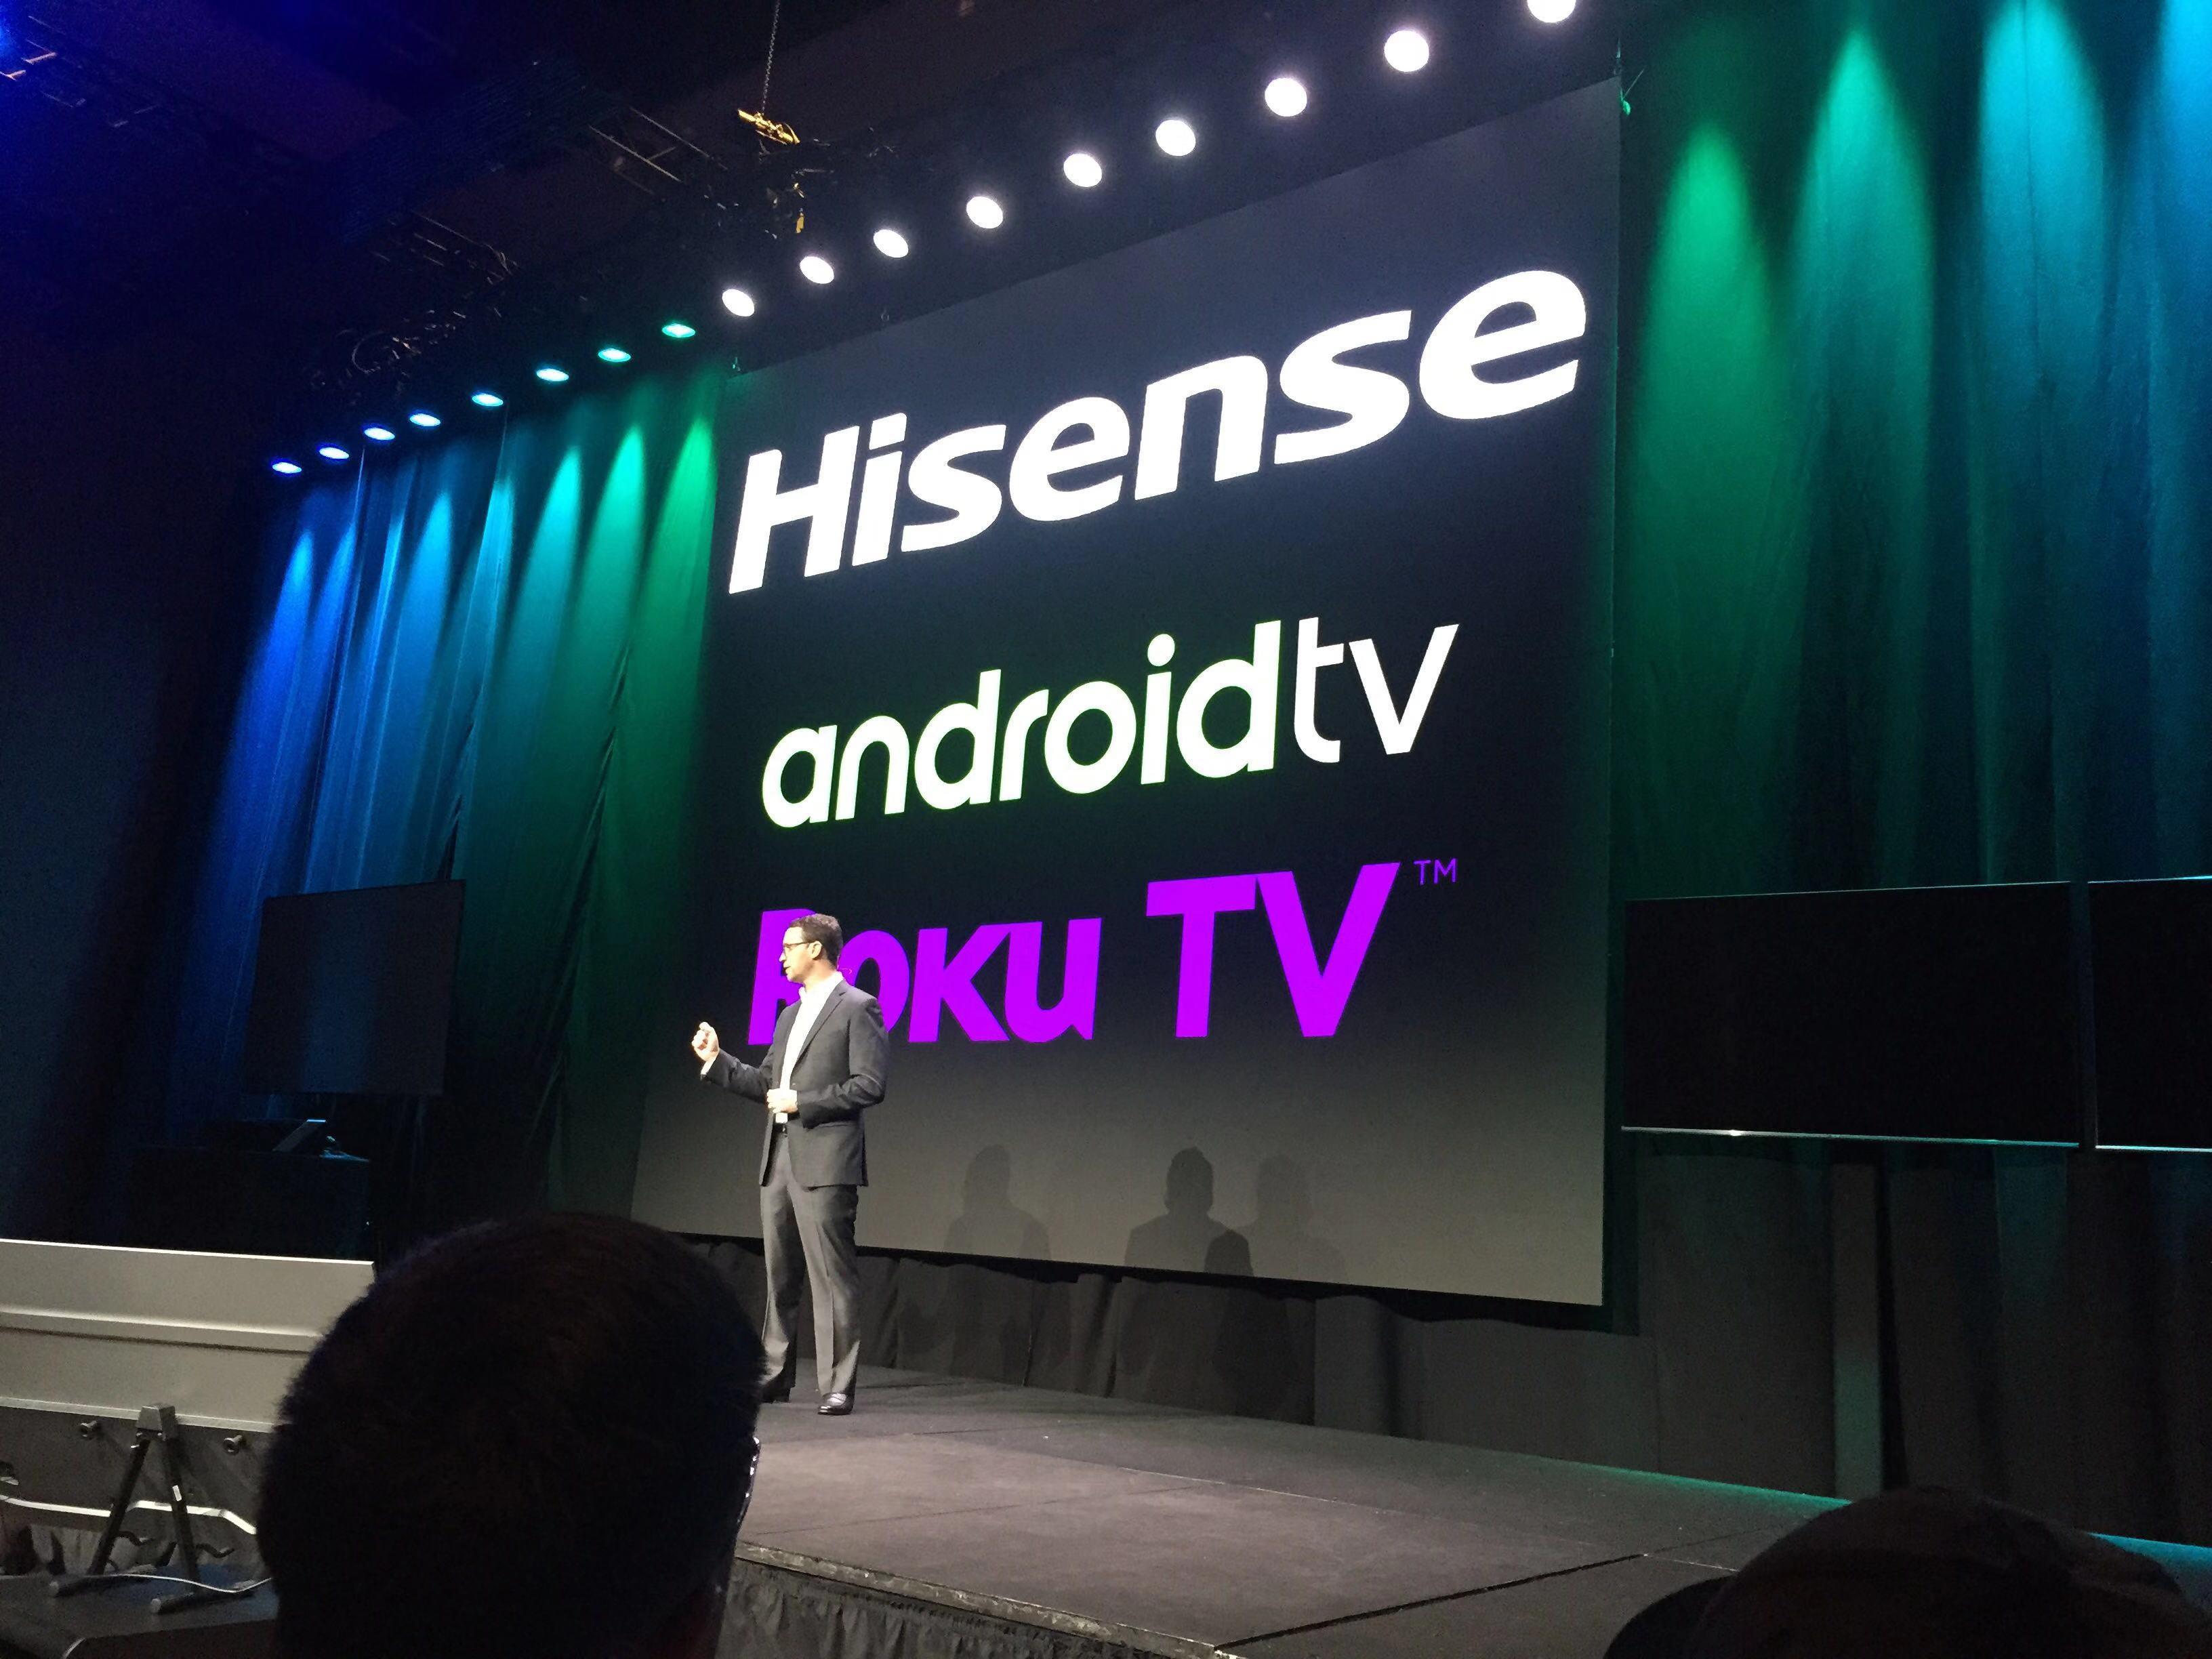 海信电视与谷歌、ROKU合作,增加内容。